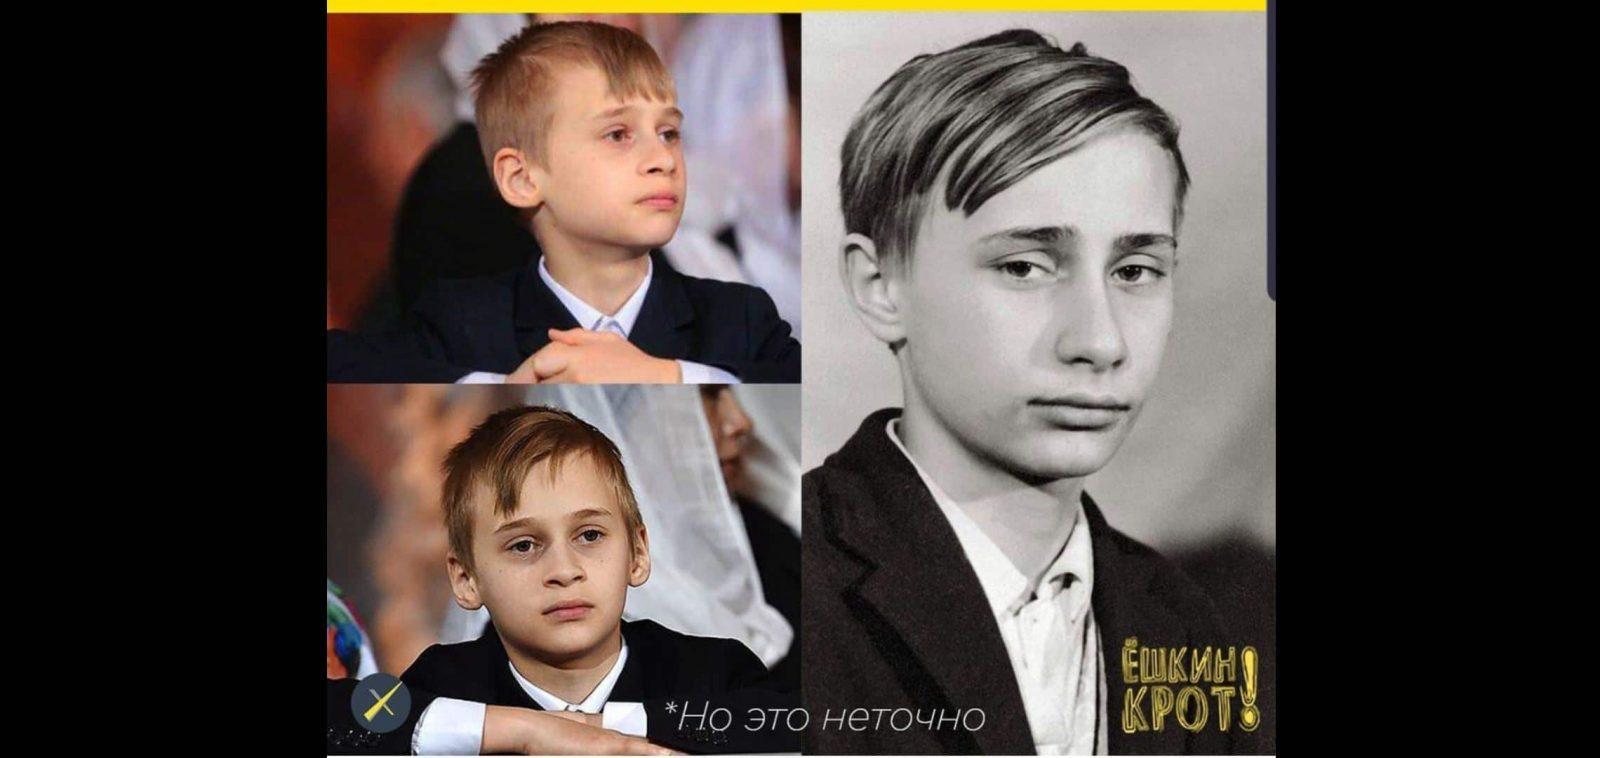 """Հրապարակվել է Պուտինի և Կաբաևայի """"տղայի"""" լուսանկարը"""